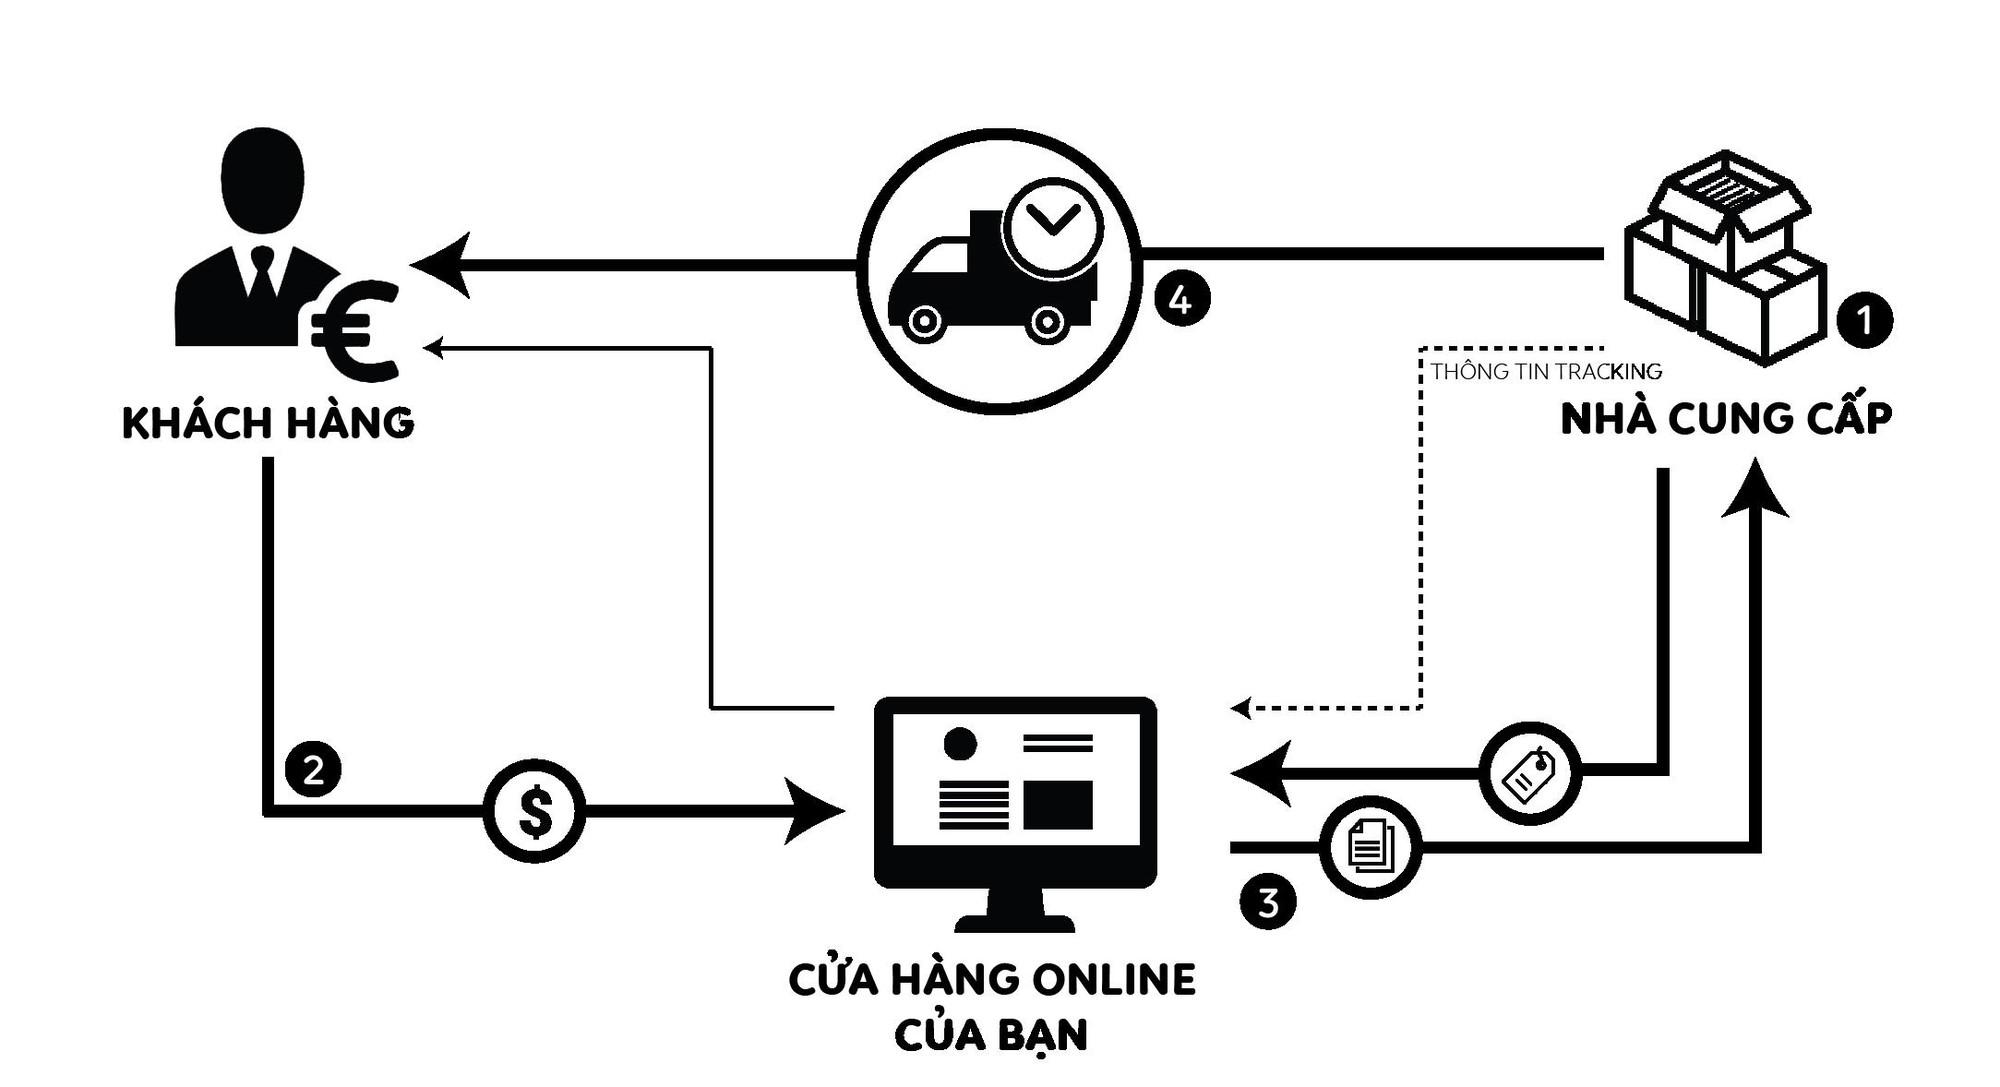 dropshipping - photo 1 15558981877401462453201 - Đây là mô hình kinh doanh tiềm năng nhờ 'ăn theo' sự phát triển của thương mại điện tử trên thế giới